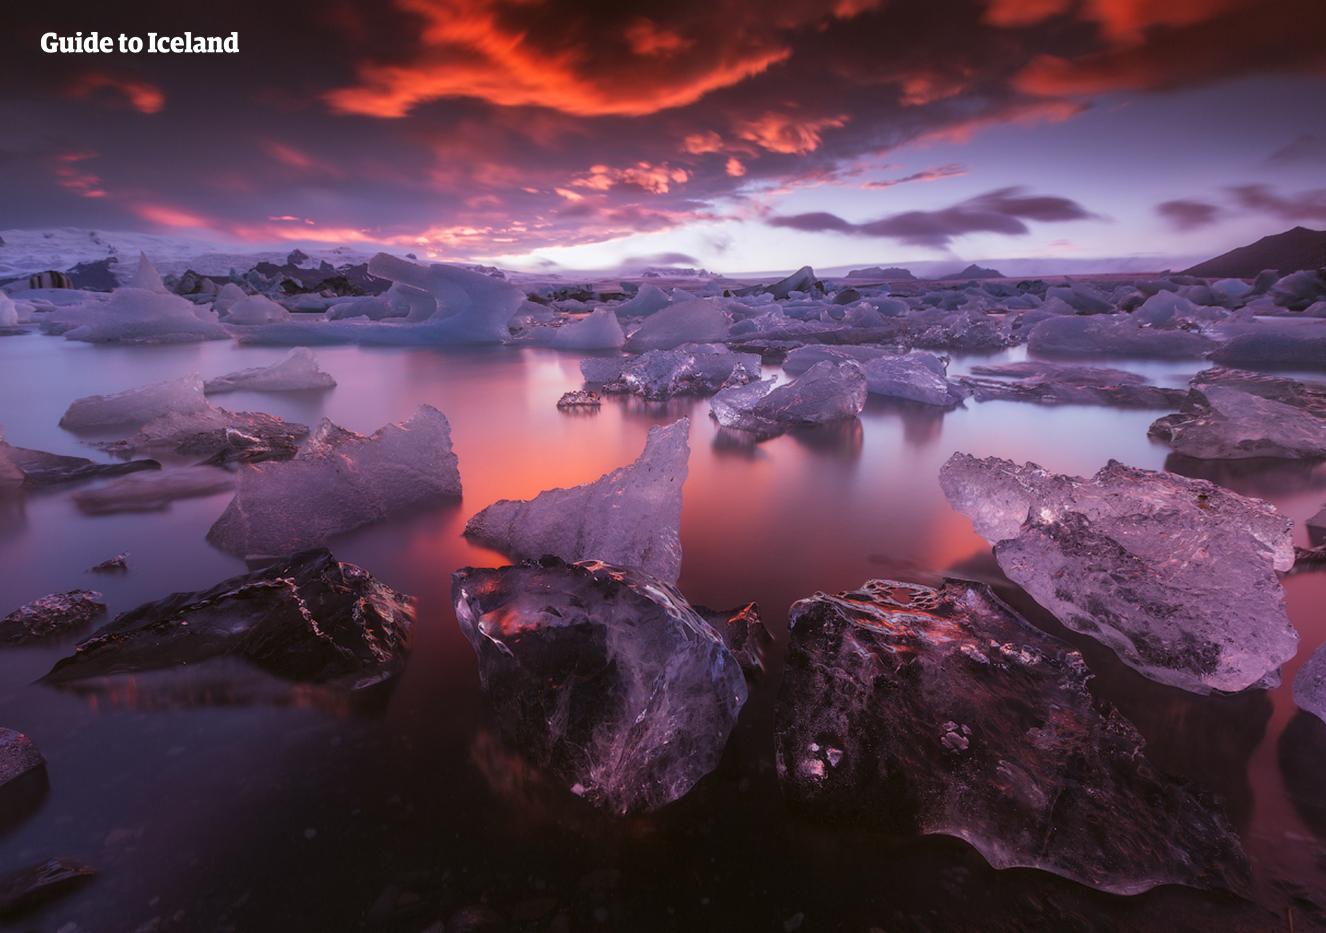 Góry lodowe w lagunie lodowcowej Jökulsárlón lśniące w ostatnich promieniach letniego słońca.